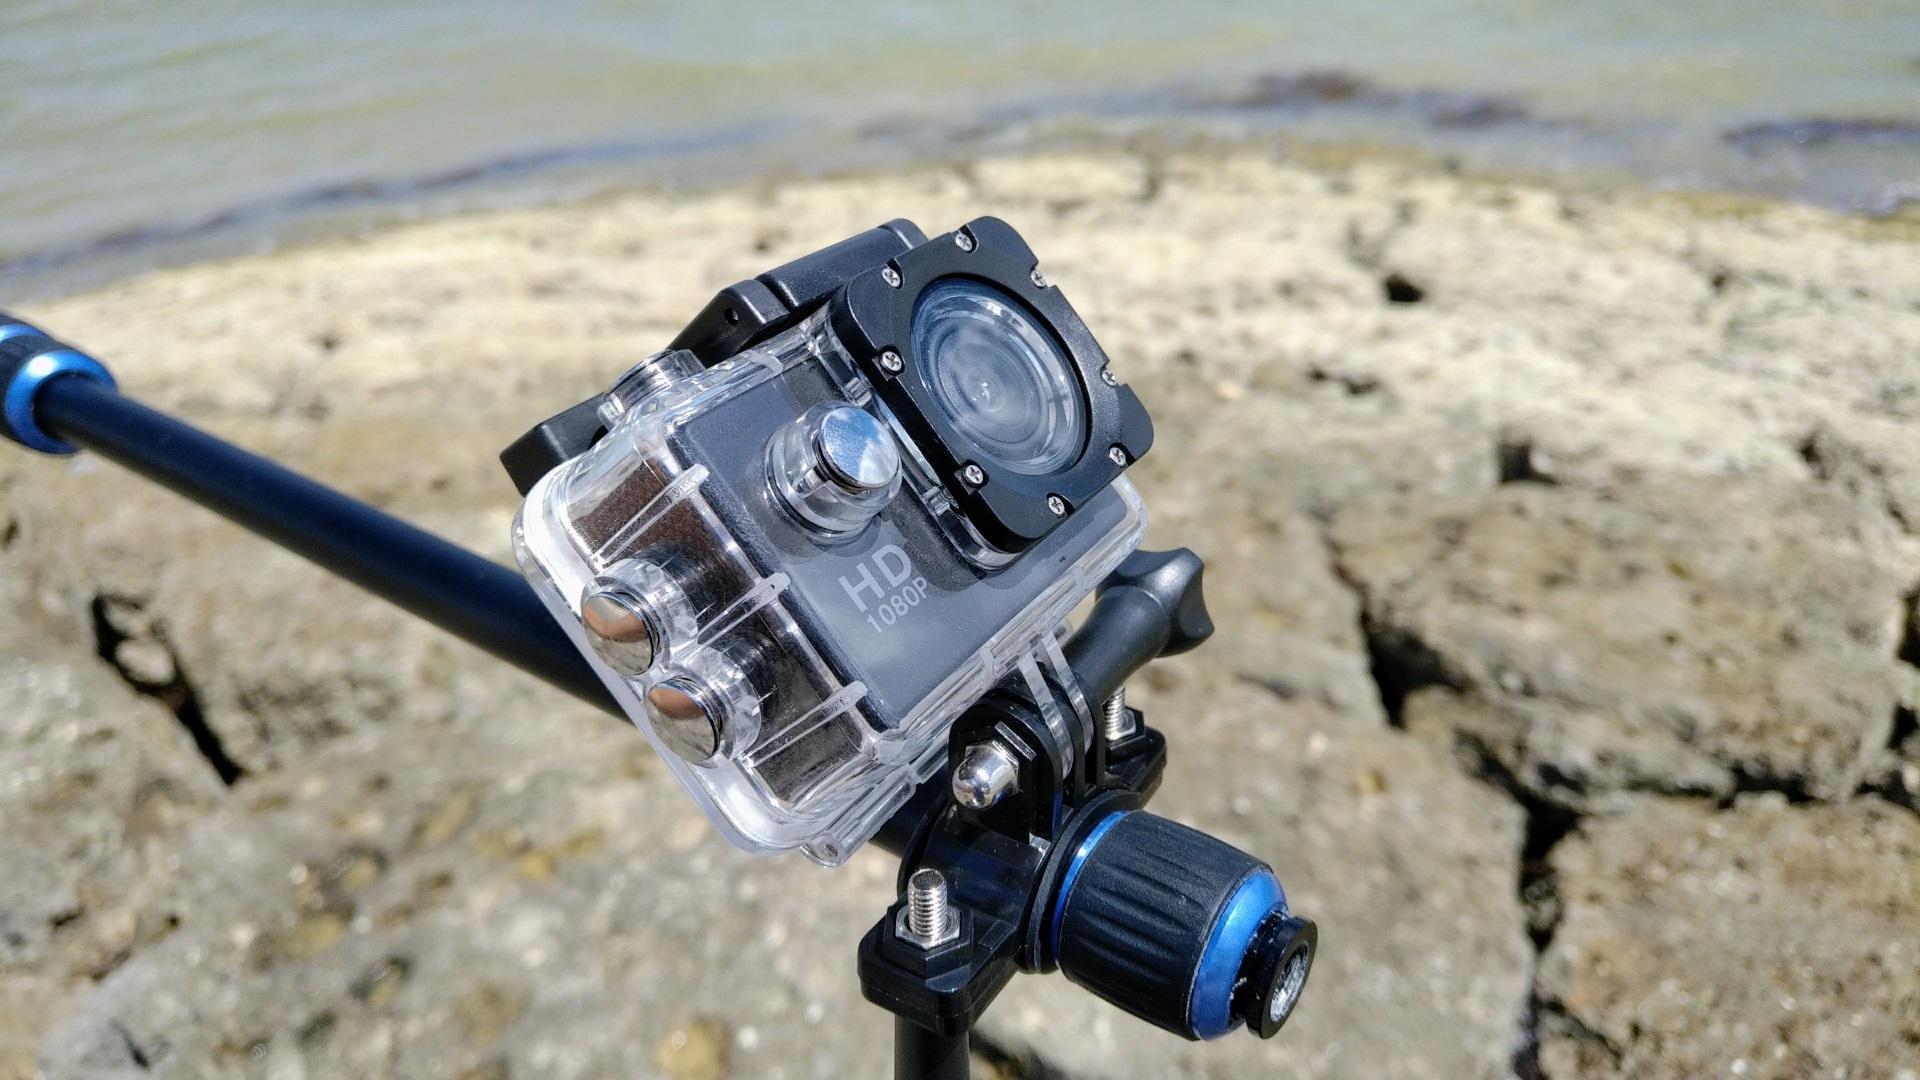 「アクティブギア フルHDカメラ」で水中散歩動画を撮ってみた【レポート】